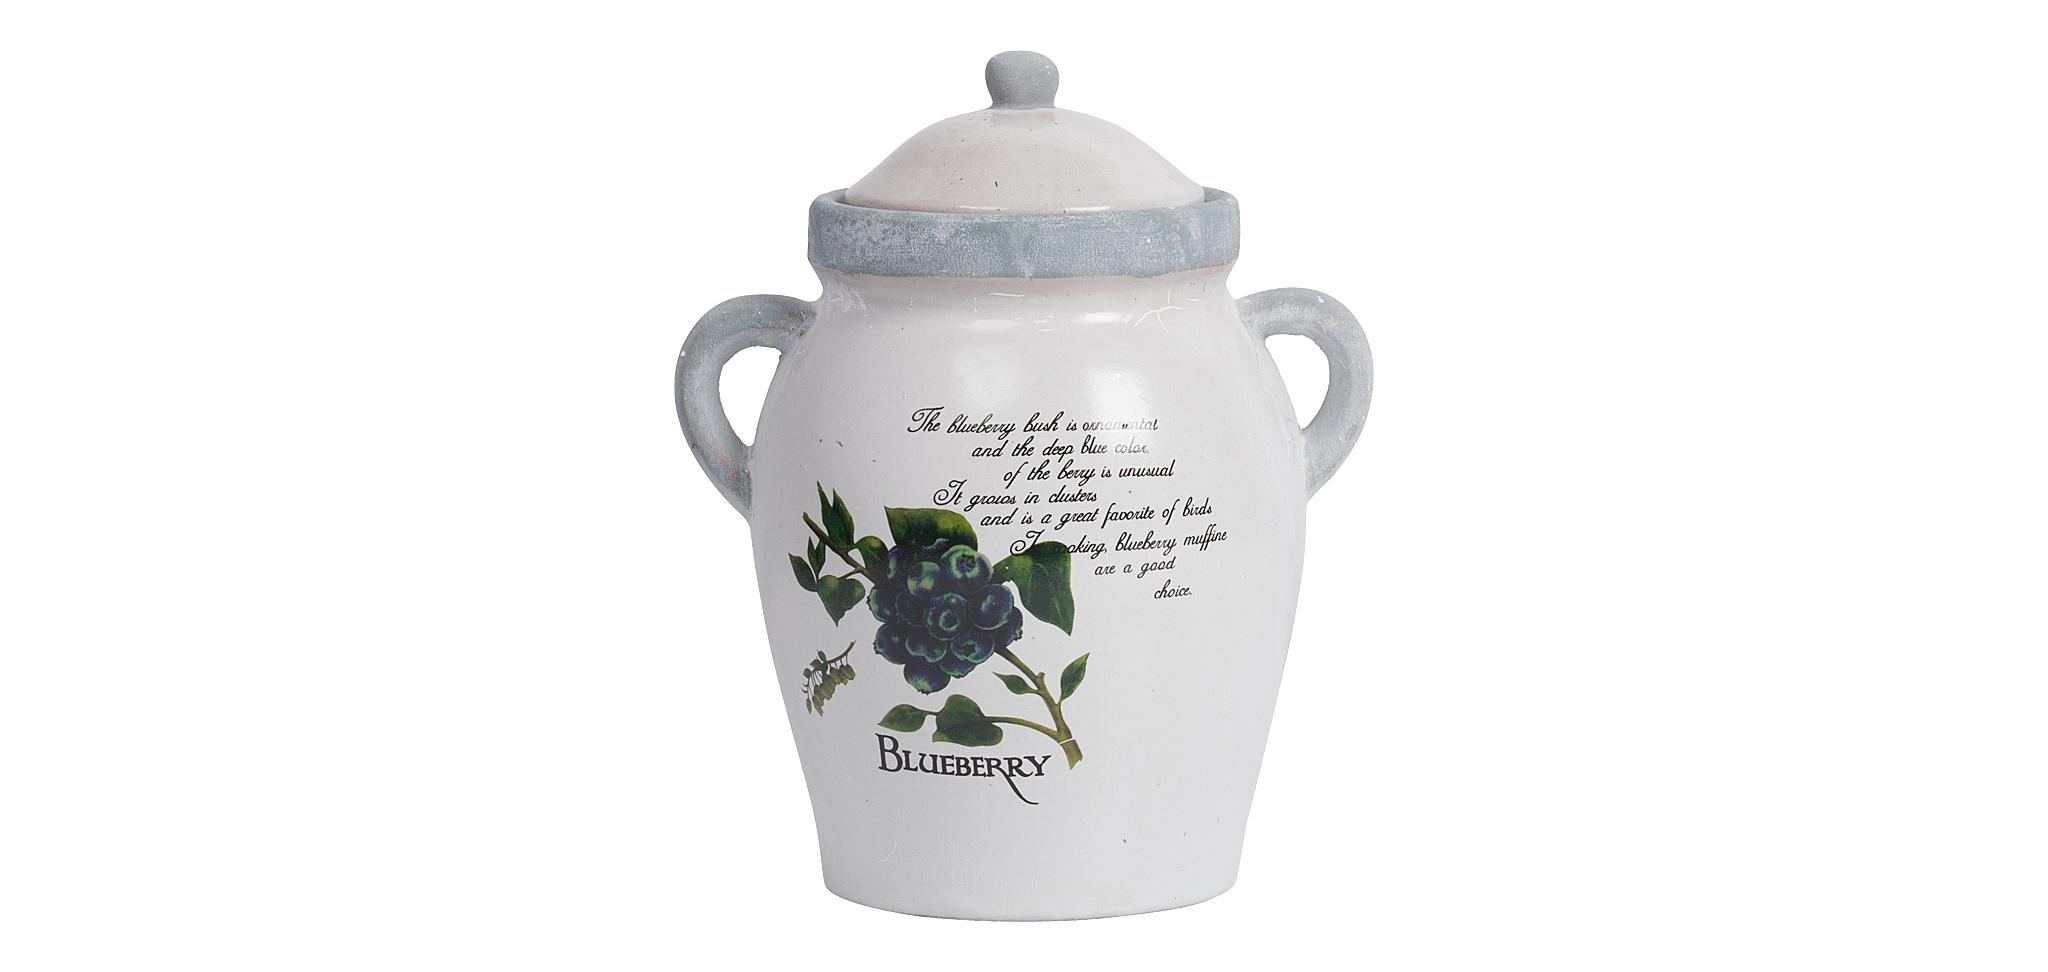 Декоративная ваза VitauВазы<br>&amp;quot;Vitau&amp;quot; ? ваза, которая прекрасно впишется в прованские интерьеры. Романтичное оформление, основанное на сдержанности и изяществе, позволит ей стать лучшим украшением такого пространства. В утонченном окружении изящные формы будут смотреться превосходно. Изображение ягод черники станет деталью, которая поможет декору лучше дополнить дизайн помещения, тяготеющего к природной красоте. Нежная палитра из белоснежного и голубого цветов еще больше усилит связь с естественным очарованием, вызывая ассоциации с небом и облаками.<br><br>Material: Керамика<br>Length см: 19.5<br>Width см: 15<br>Height см: 23.5